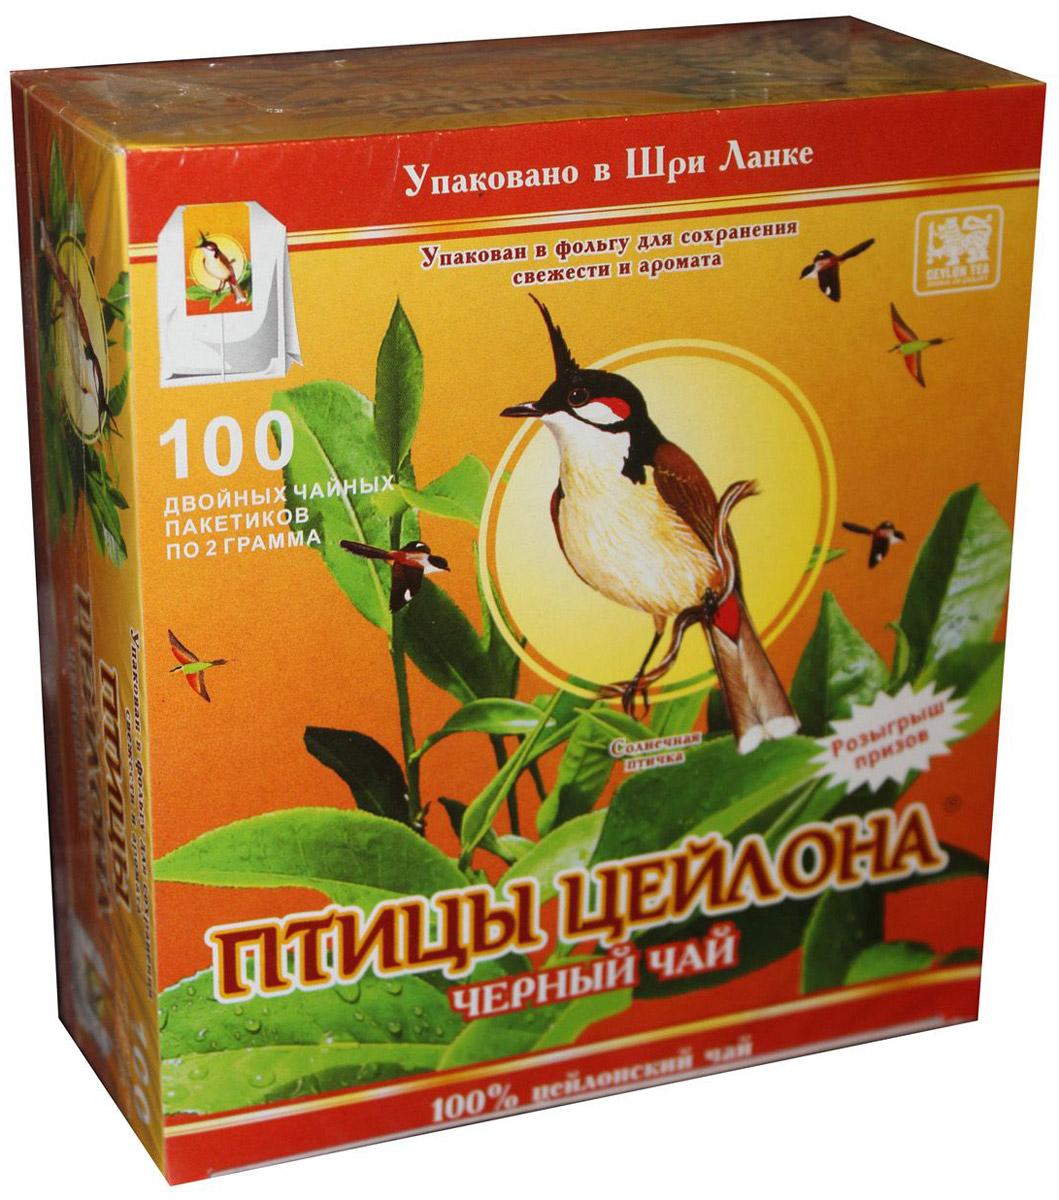 Птицы Цейлона Солнечная птичка чай черный в пакетиках, 100 шт4792219600237Птицы Цейлона Солнечная птичка - 100% черный цейлонский байховый мелколистовой чай в пакетиках. Способ применения: один пакетик на одну чашку напитка залить кипяченой водой, настаивать 3-5 минут.В упаковке 100 двойных чайных пакетиков по 2 грамма.